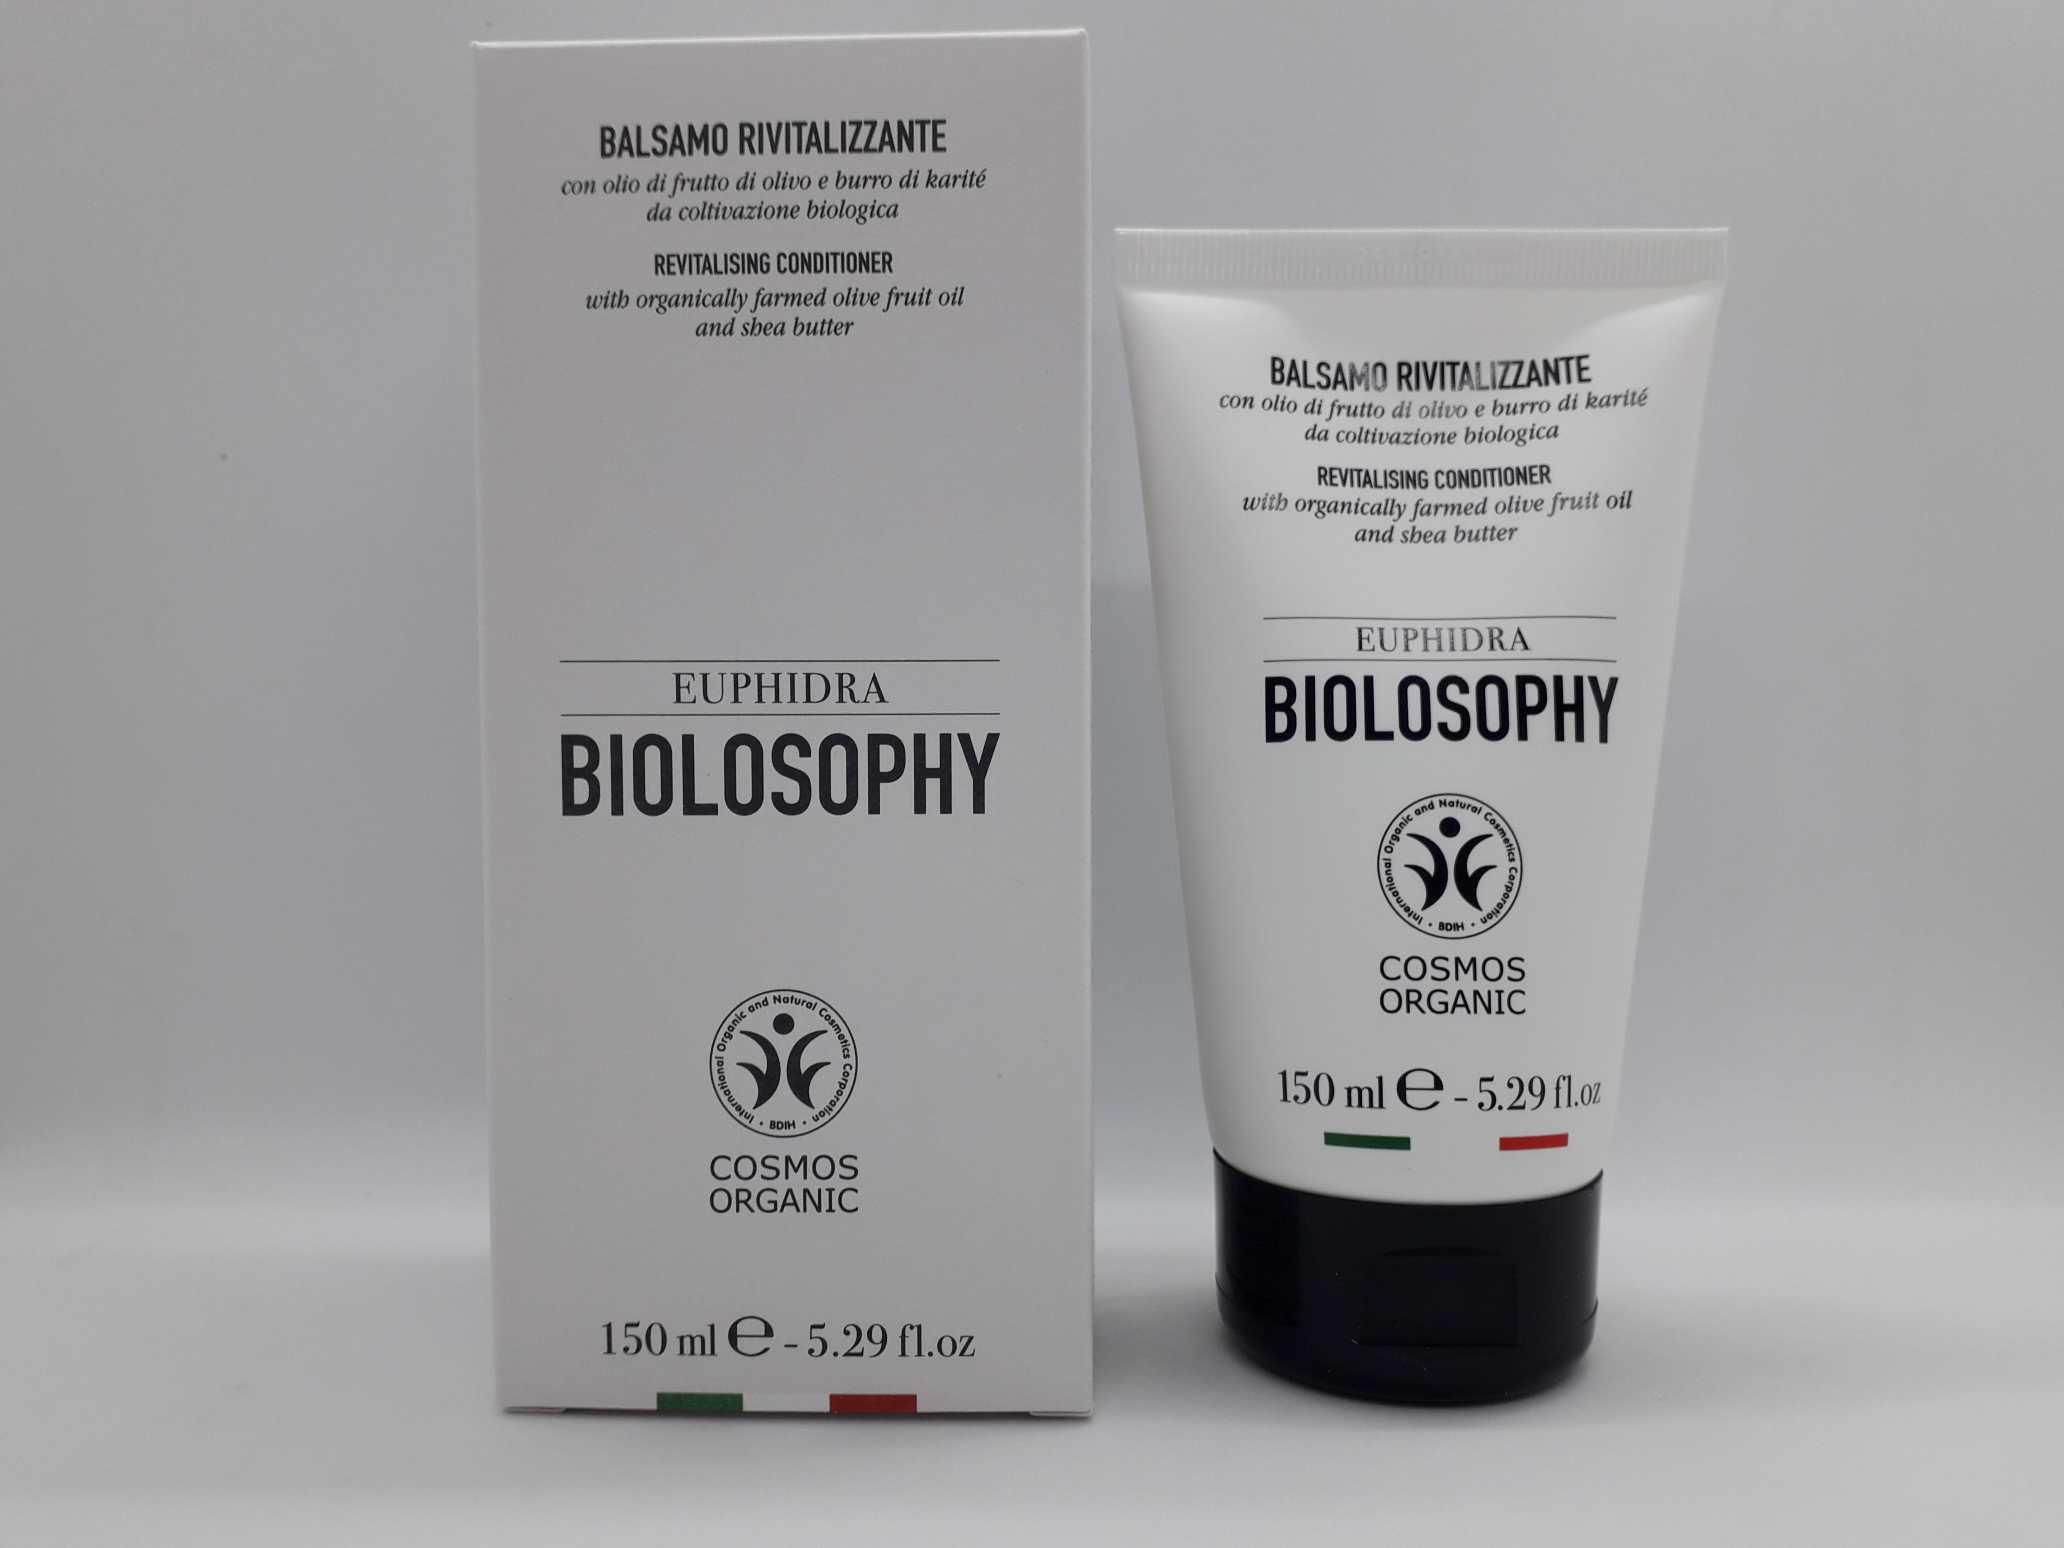 EUPHIDRA BIOLOSOPHY BALSAMO RIVITALIZZANTE 150 ML - Farmaciaempatica.it